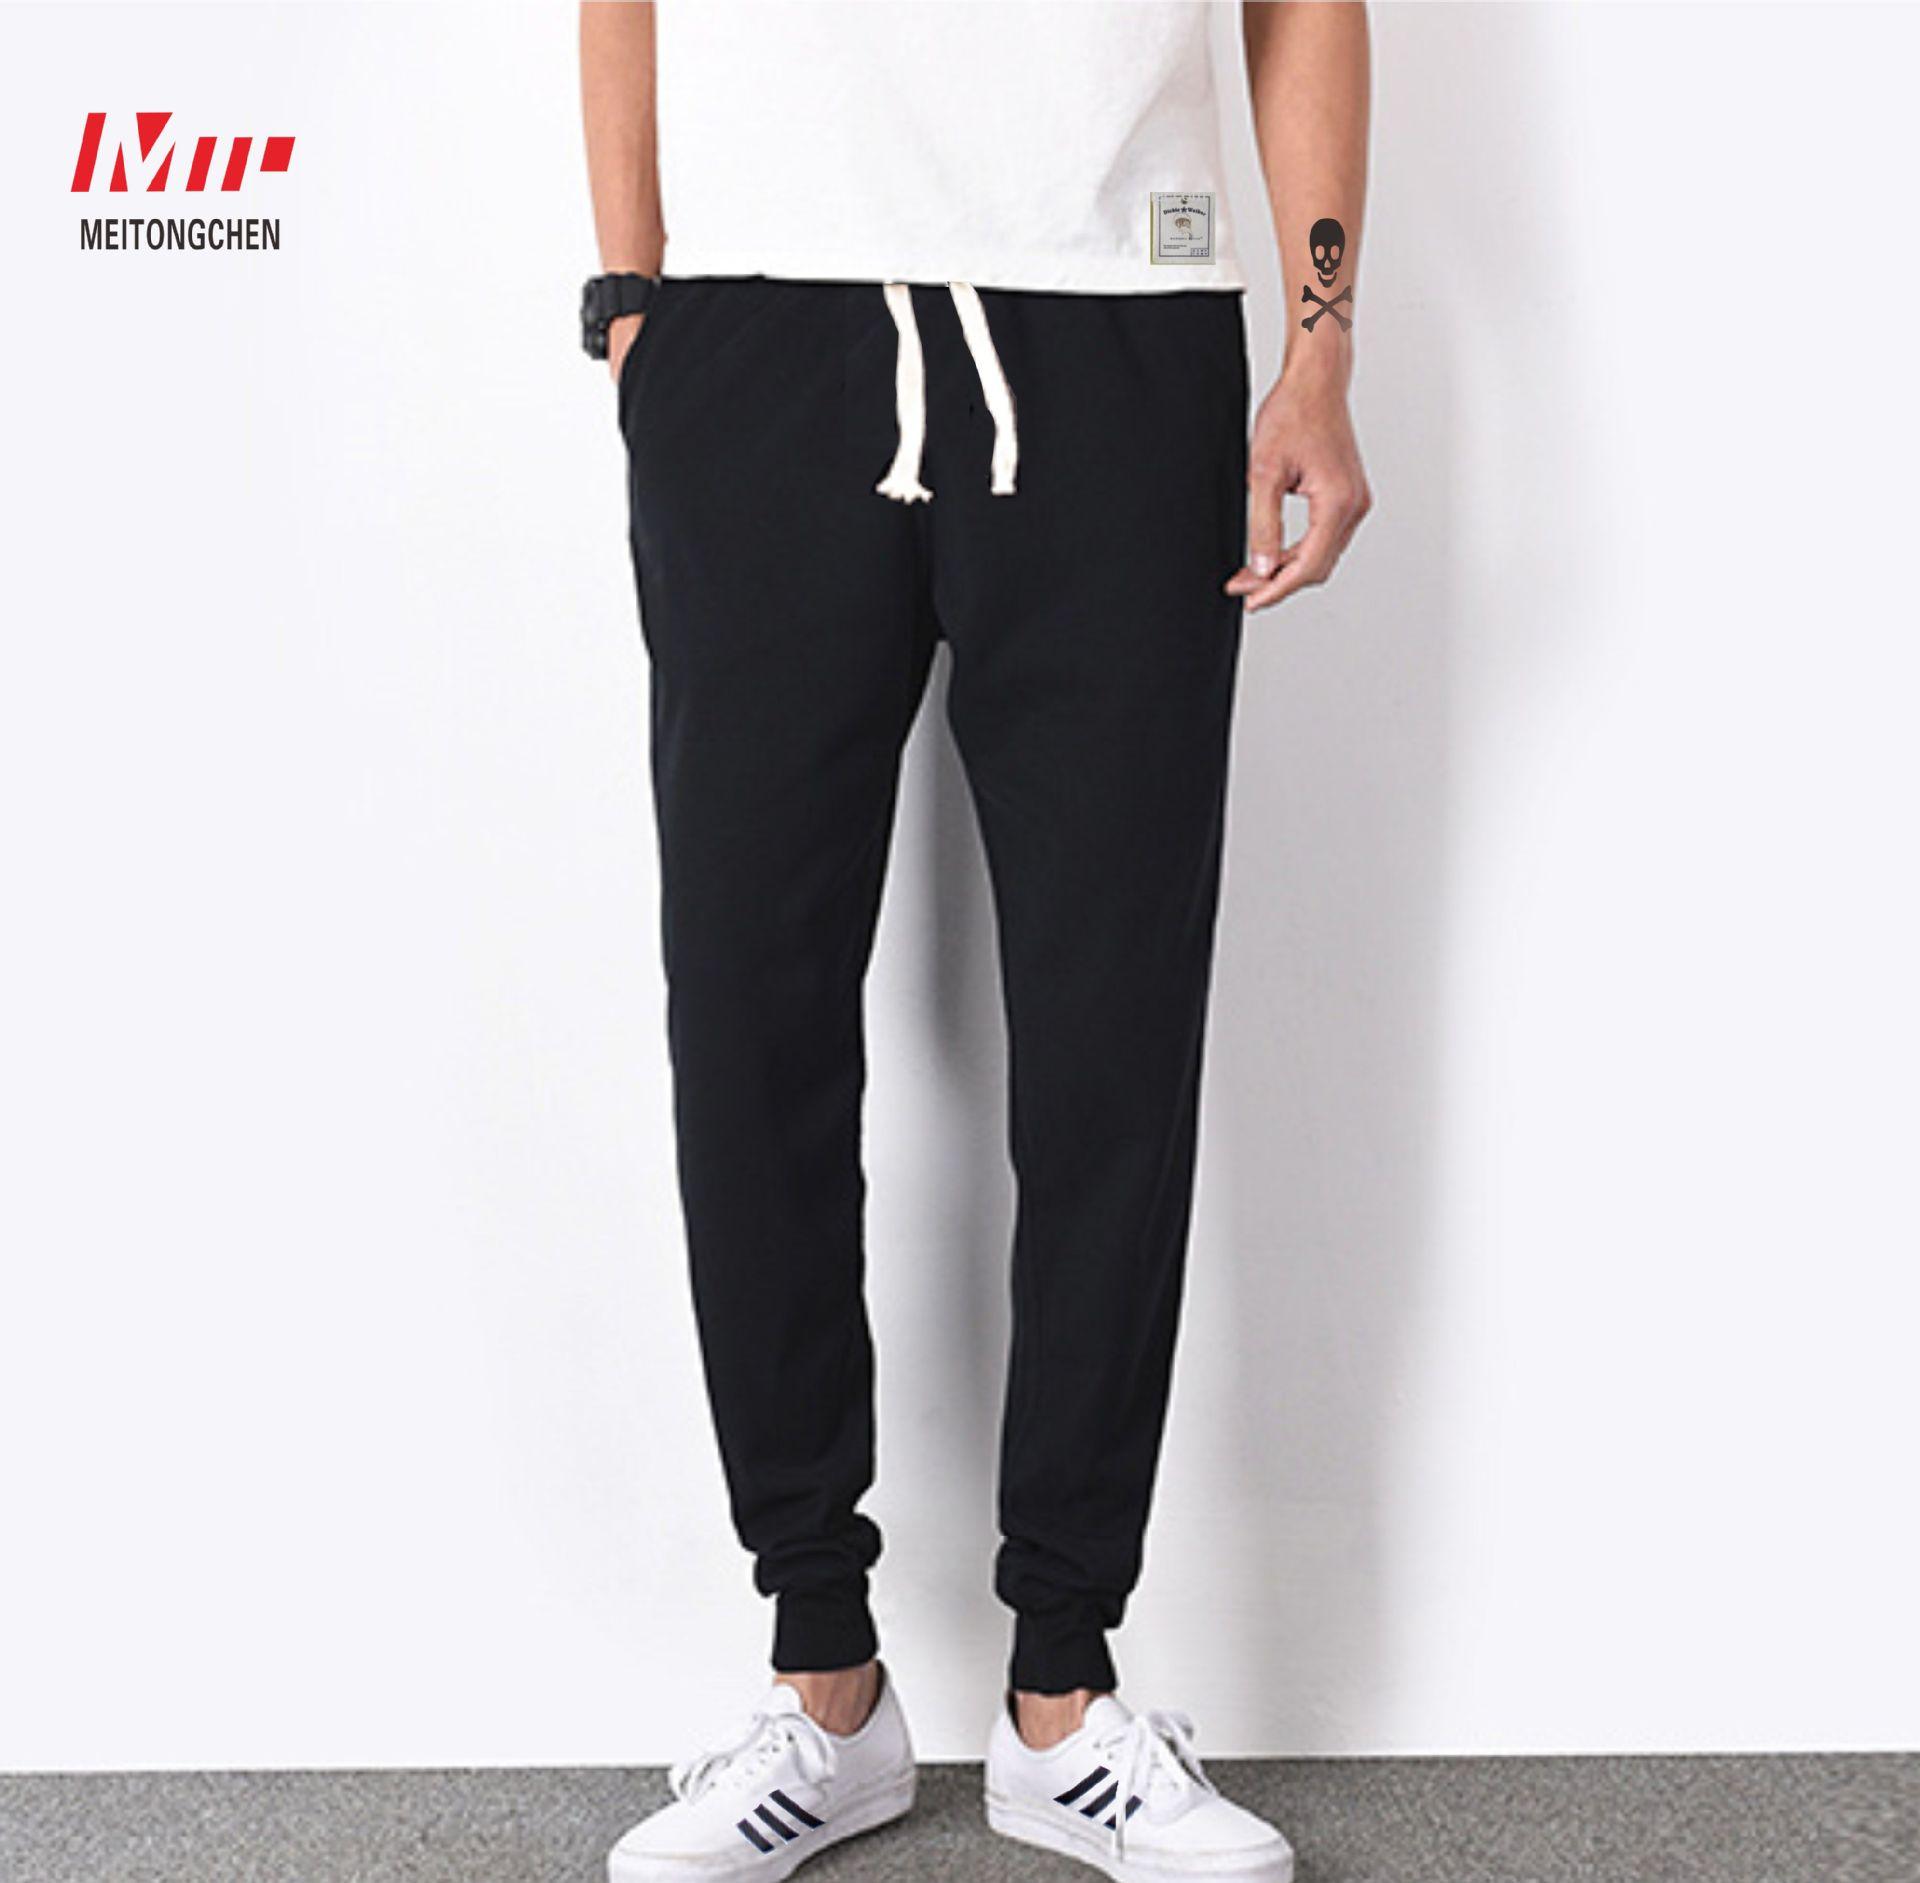 Cotton Fashion Casual Thin Athletic Pants Men's Slim Fit Pants Harem Pants Men Closing Trousers Ankle Banded Pants Sweatpants